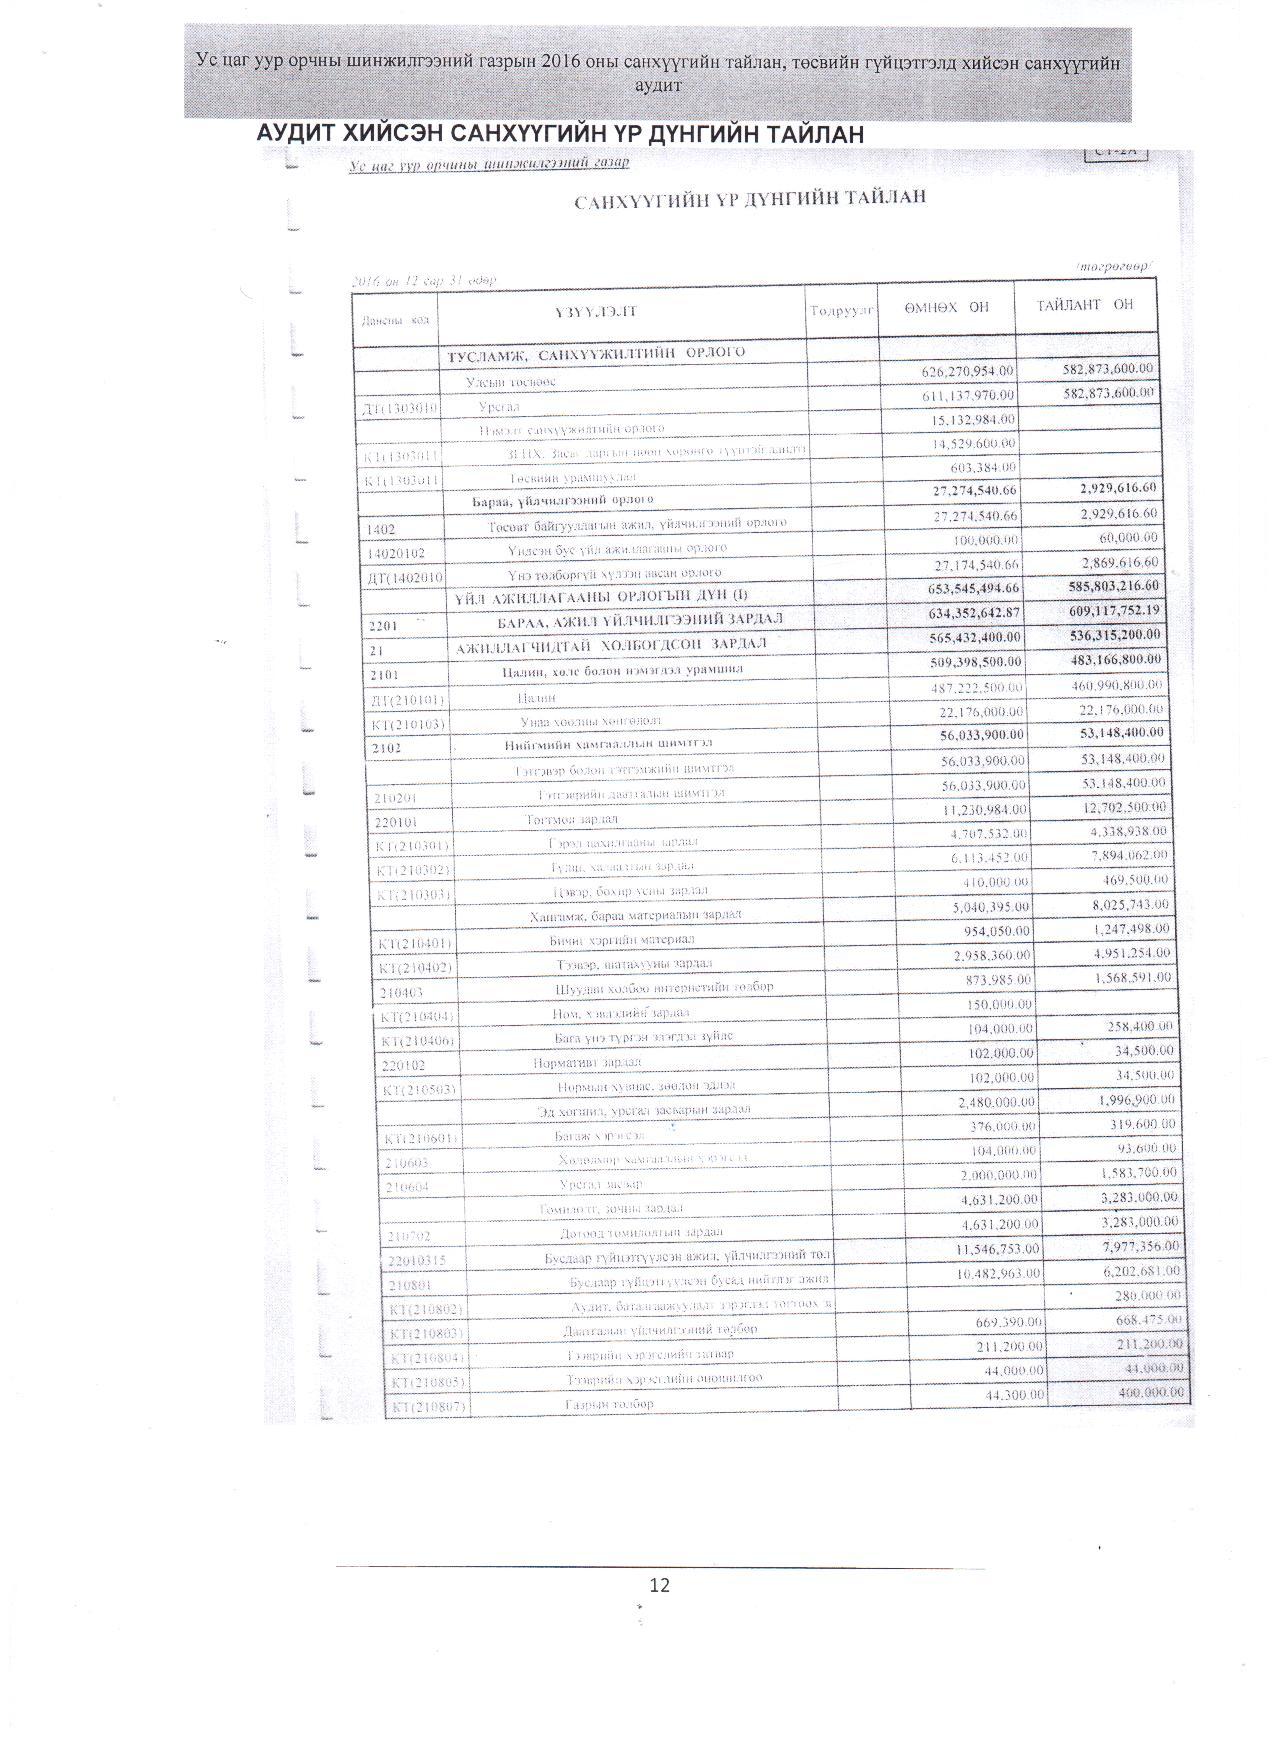 audit15